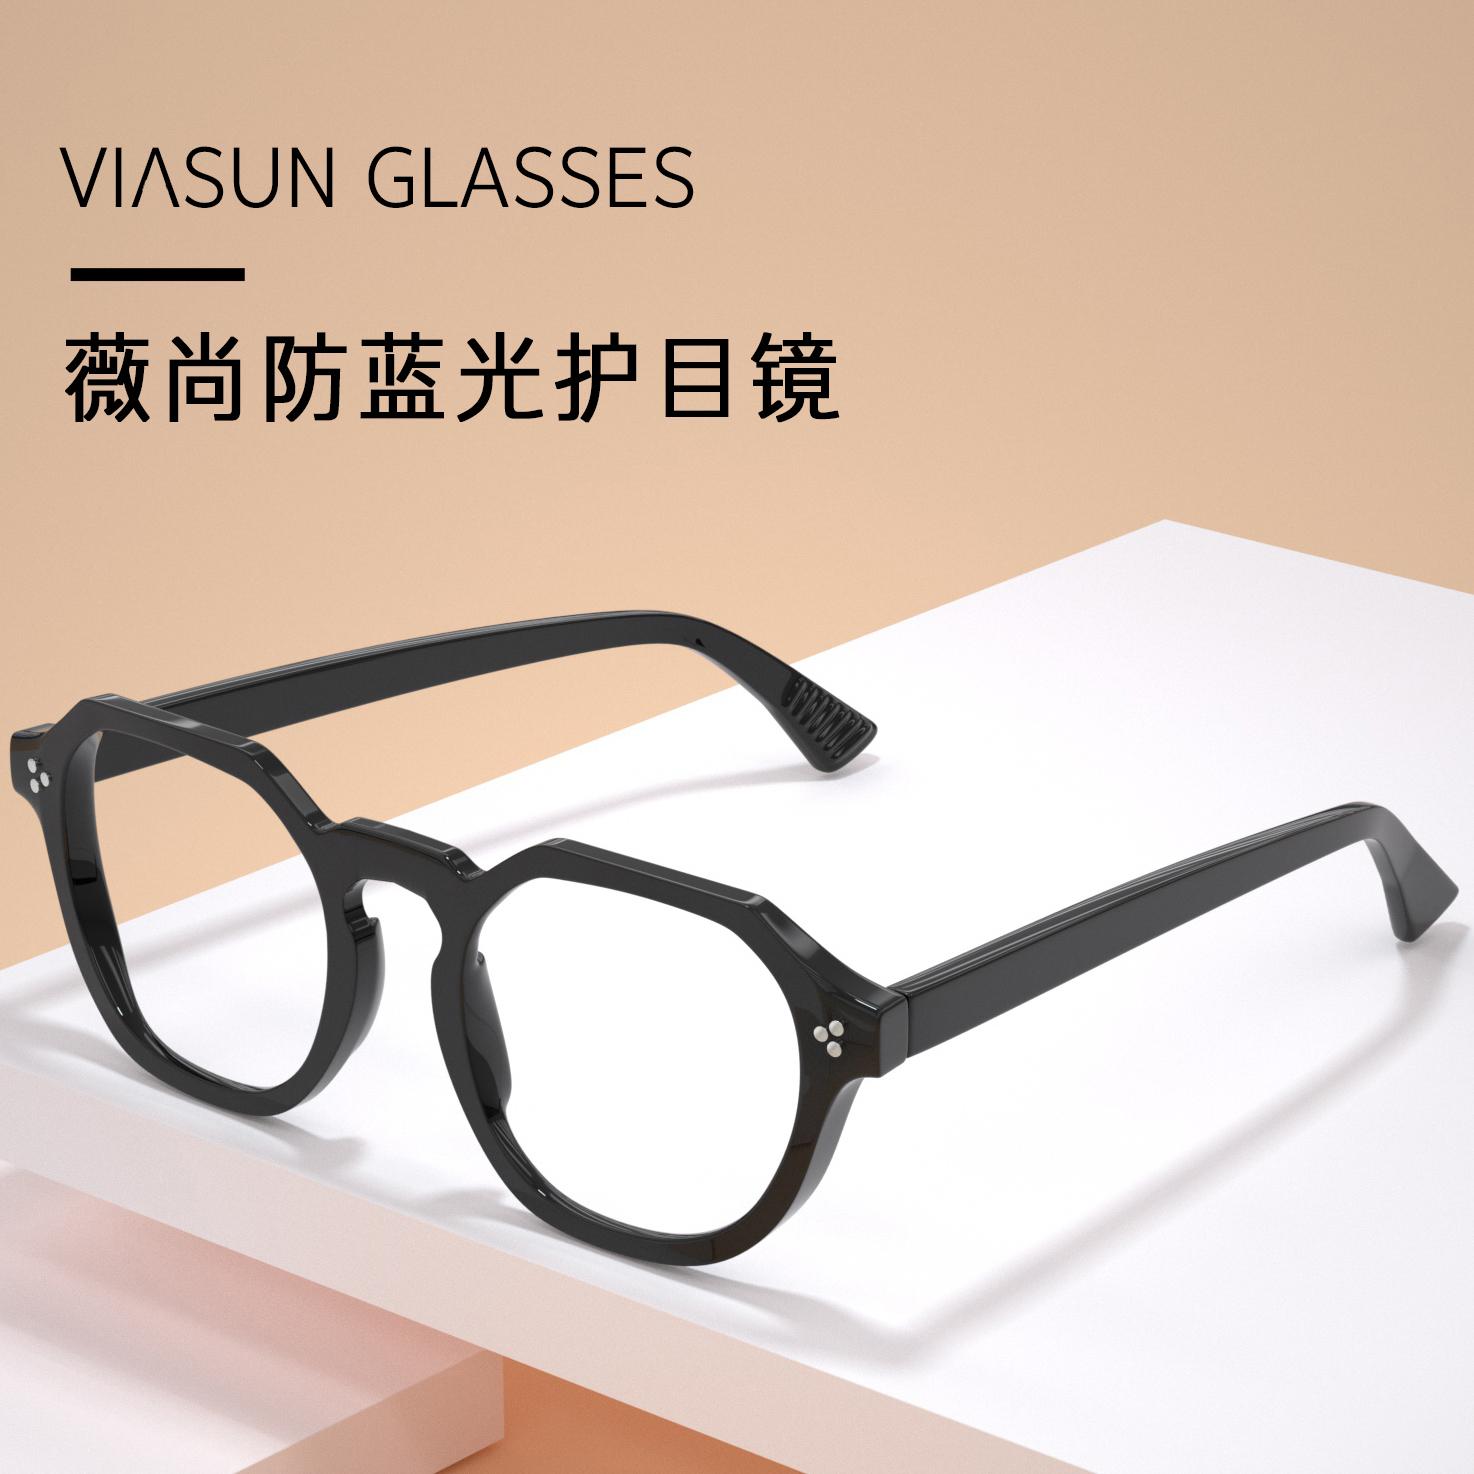 2027111年新款防蓝光手机电脑护目镜防疲劳眼镜8991薇尚